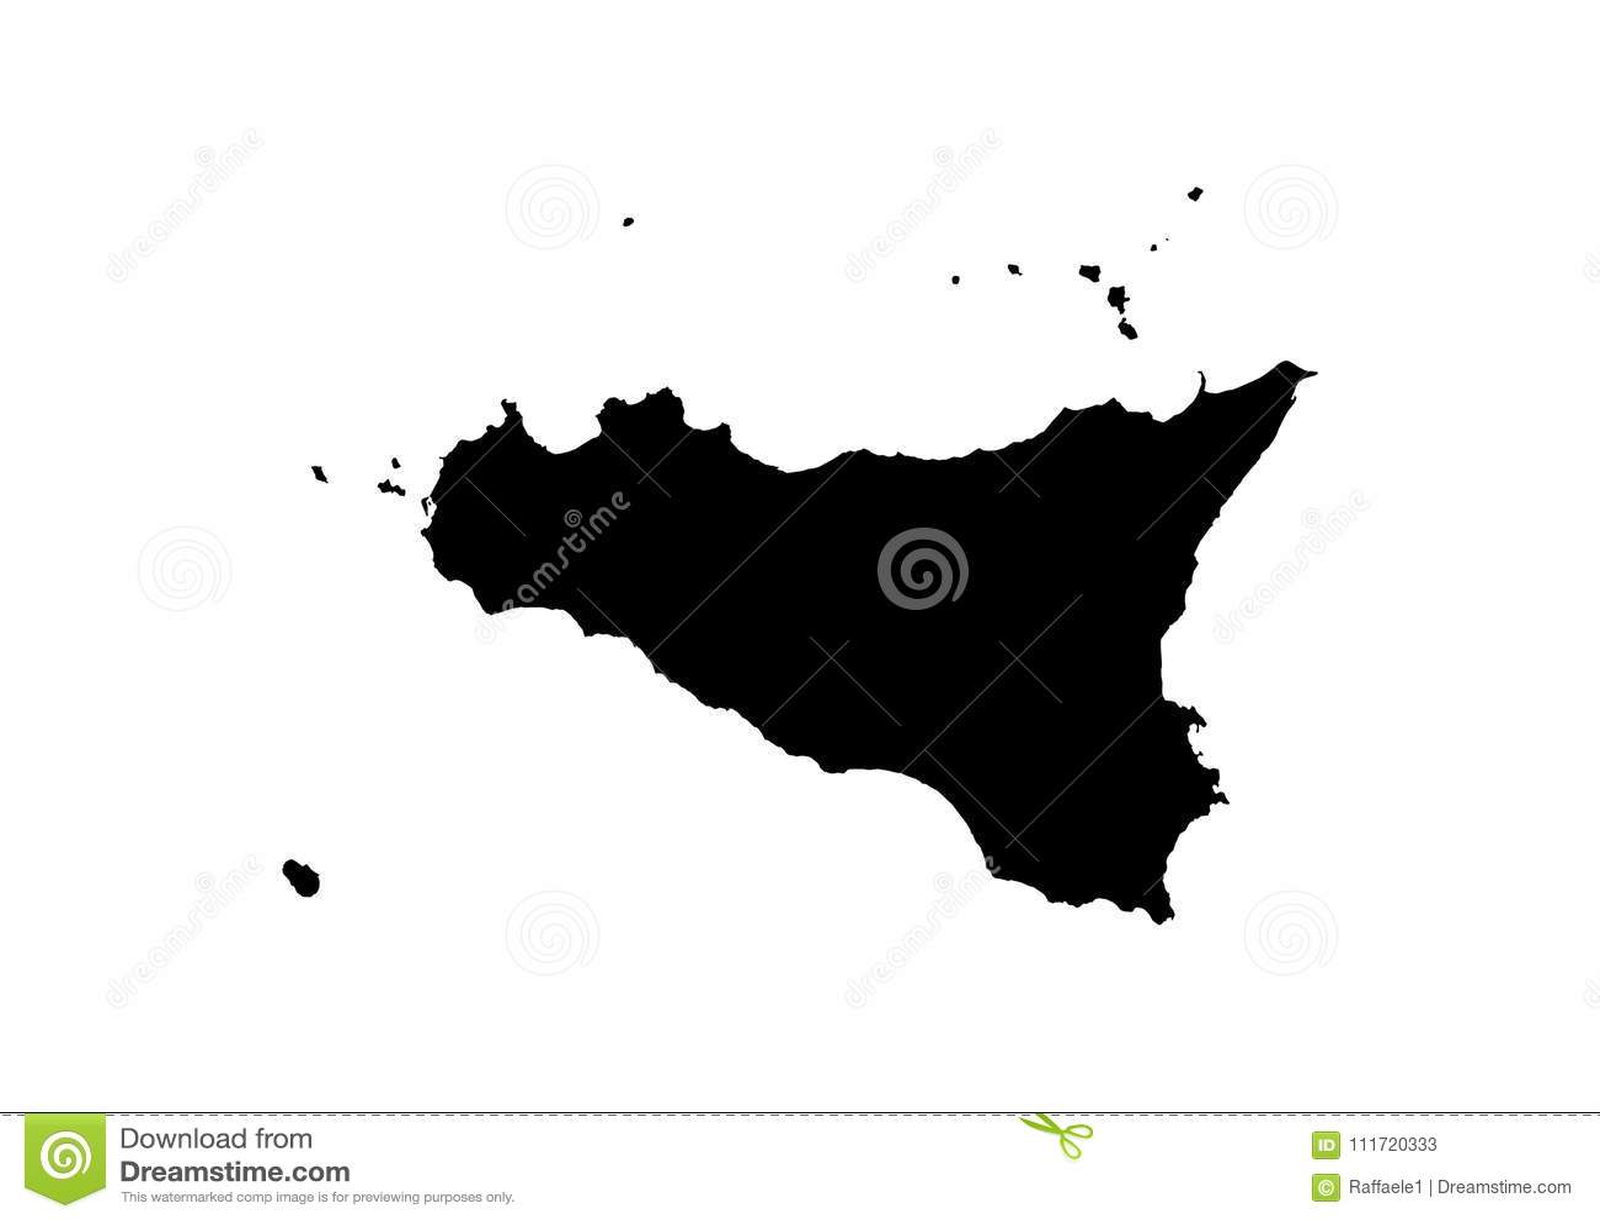 World landmarks silhouette Images, Stock Photos & Vectors ... |Sicily Landmark Silhouette